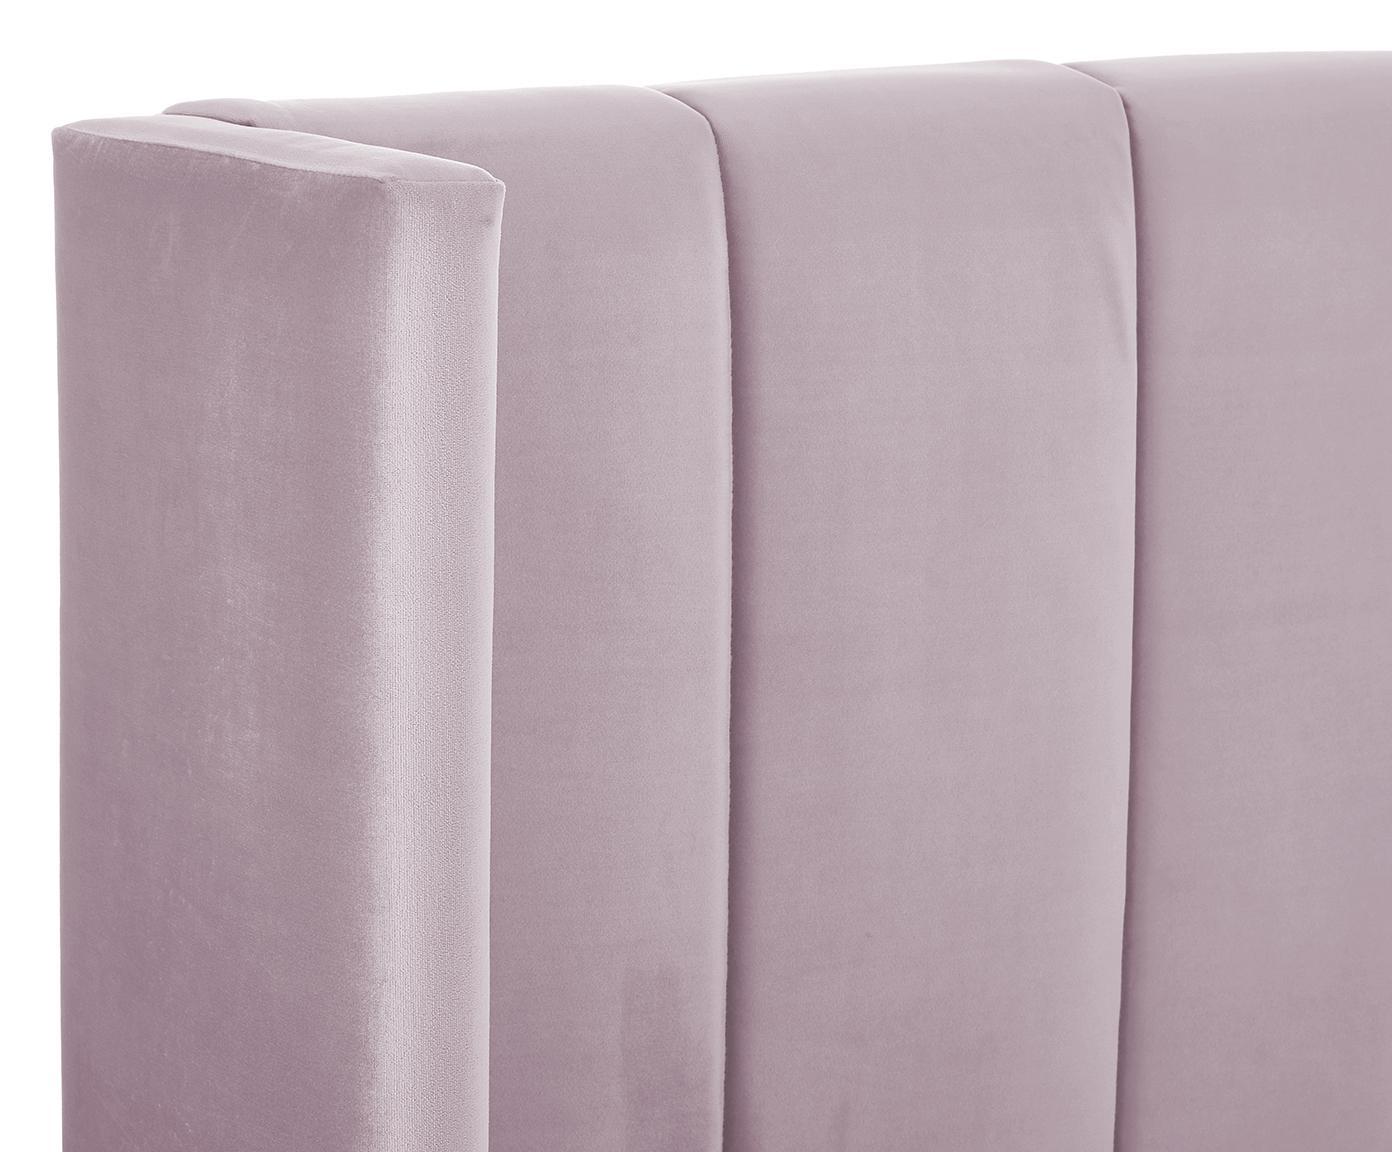 Łóżko tapicerowane z aksamitu Dusk, Korpus: lite drewno sosnowe, Nogi: metal malowany proszkowo, Tapicerka: aksamit poliestrowy 3500, Mauve, 180 x 200 cm